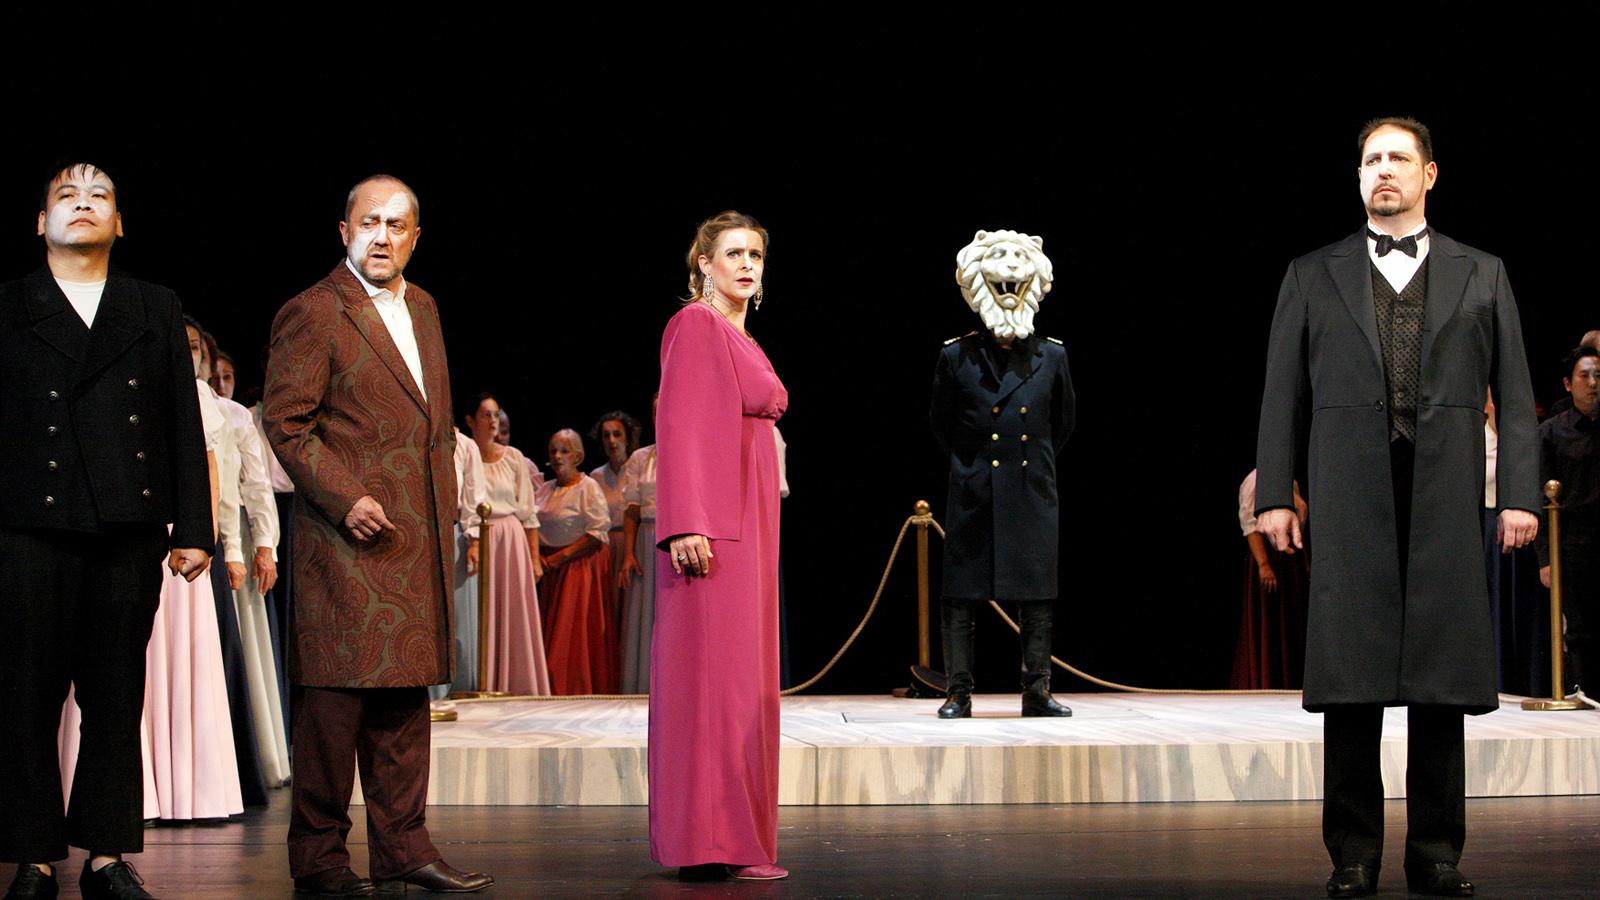 Otello © https://www.mecklenburgisches-staatstheater.de/startseite.html